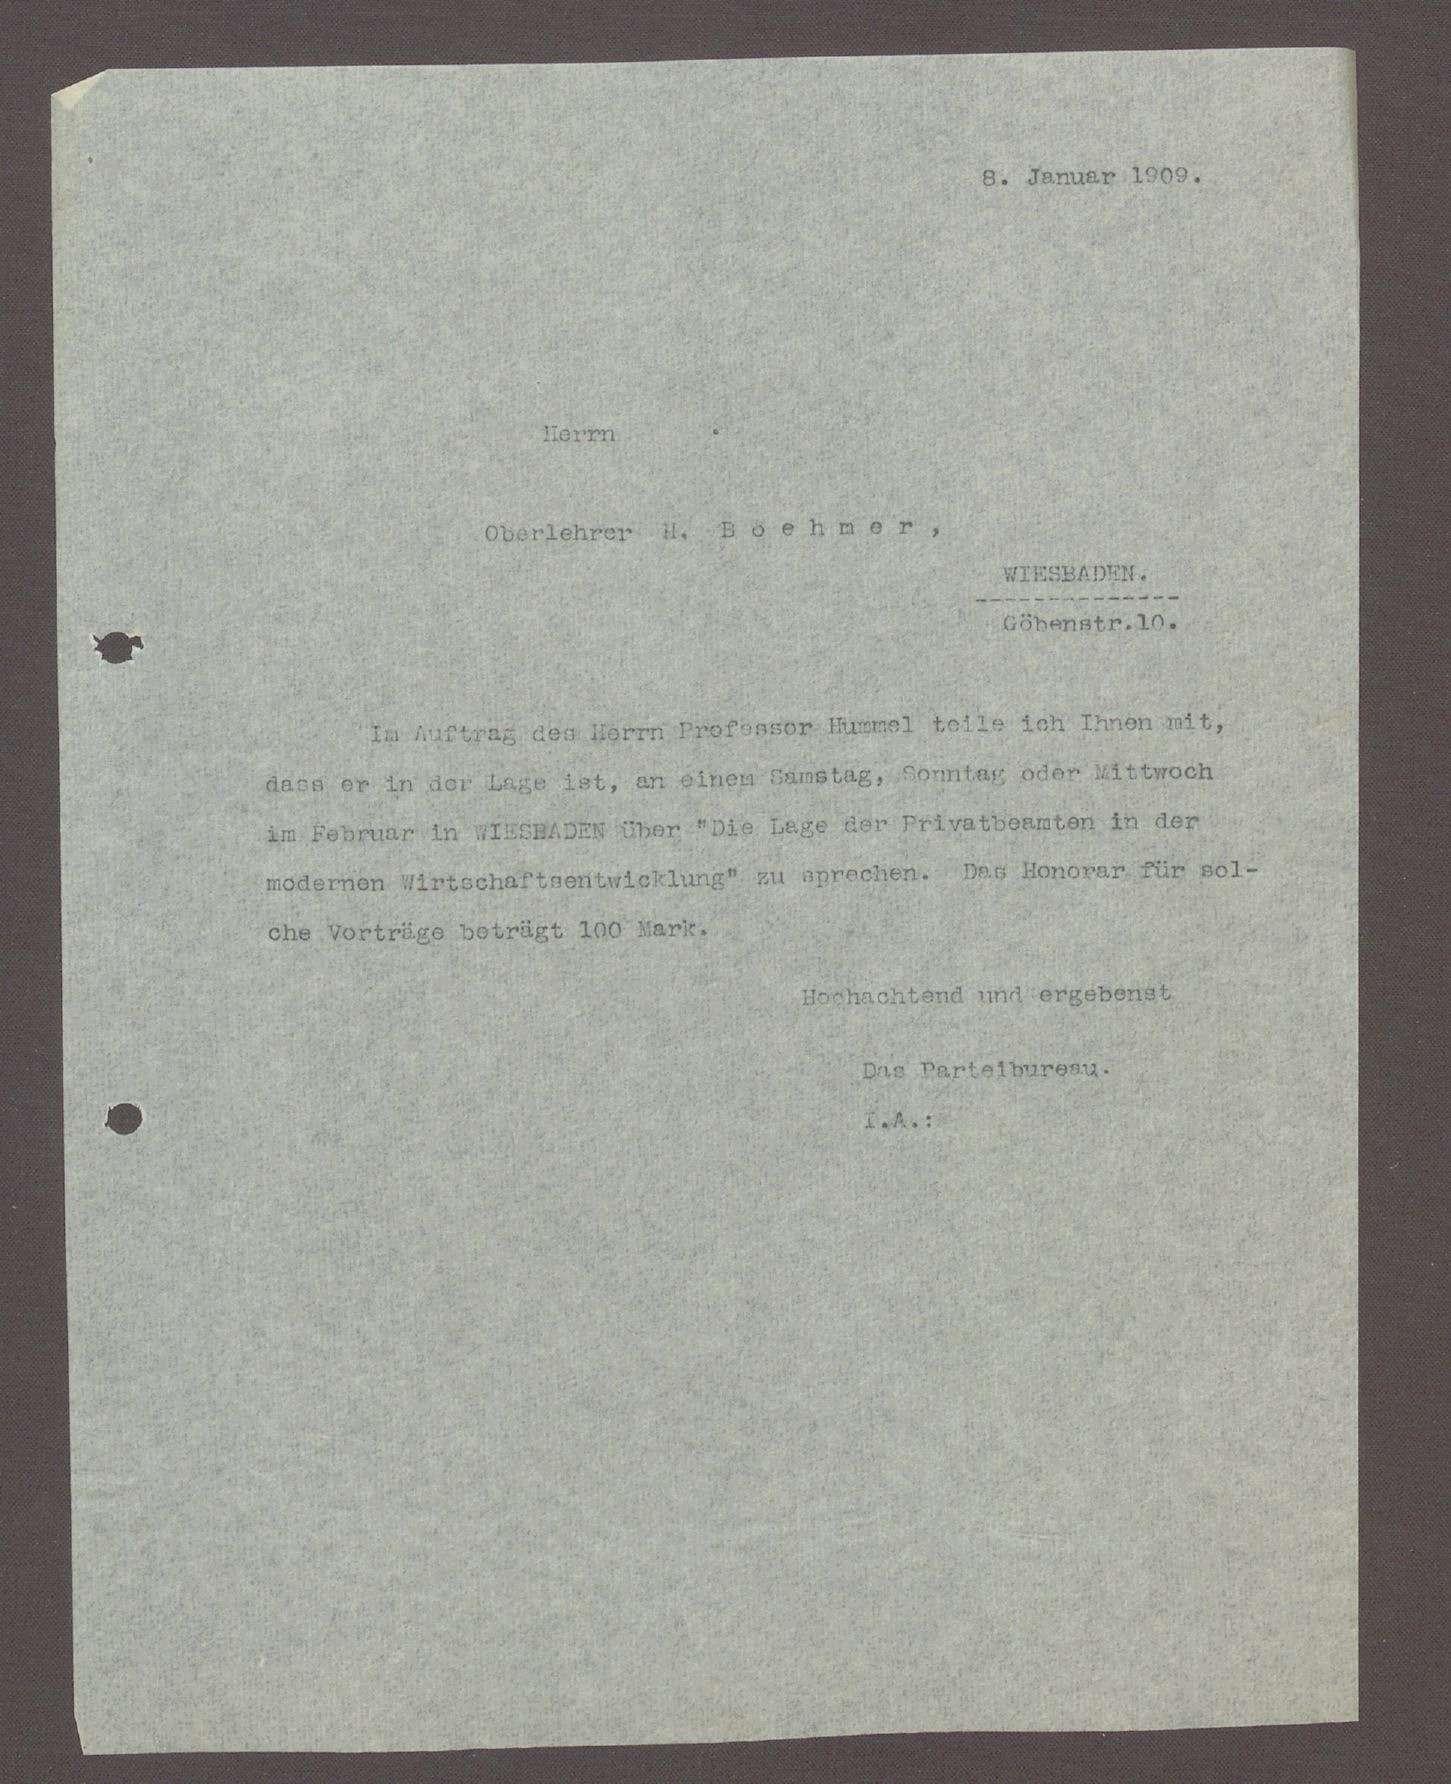 Schreiben an den Oberlehrer H. Boehmer, Wiesbaden: Vortrag in Wiesbaden, 1 Schreiben, Bild 1